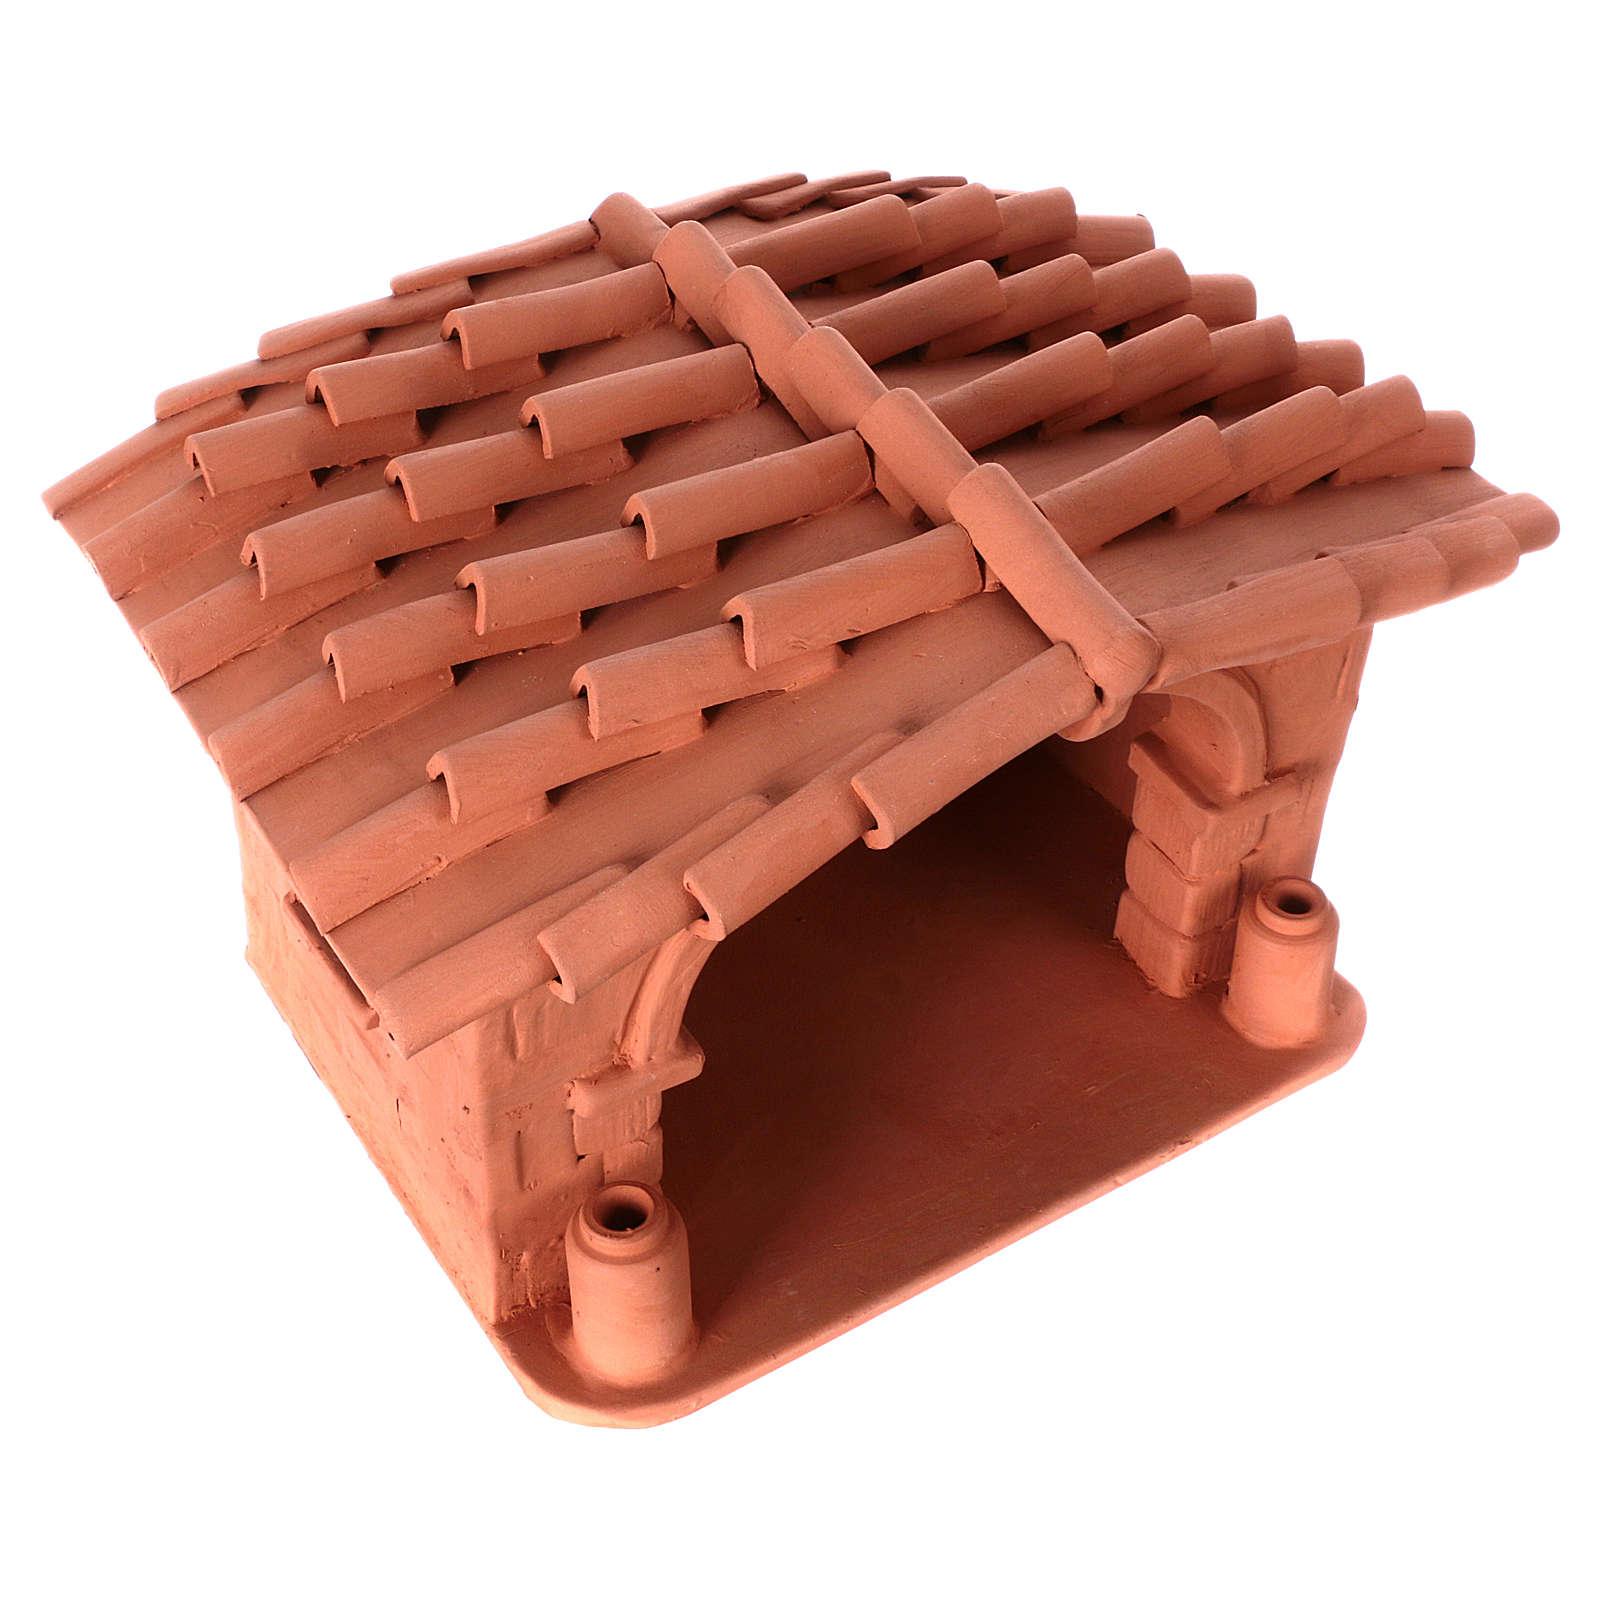 Capanna presepe terracotta illuminata Deruta 4